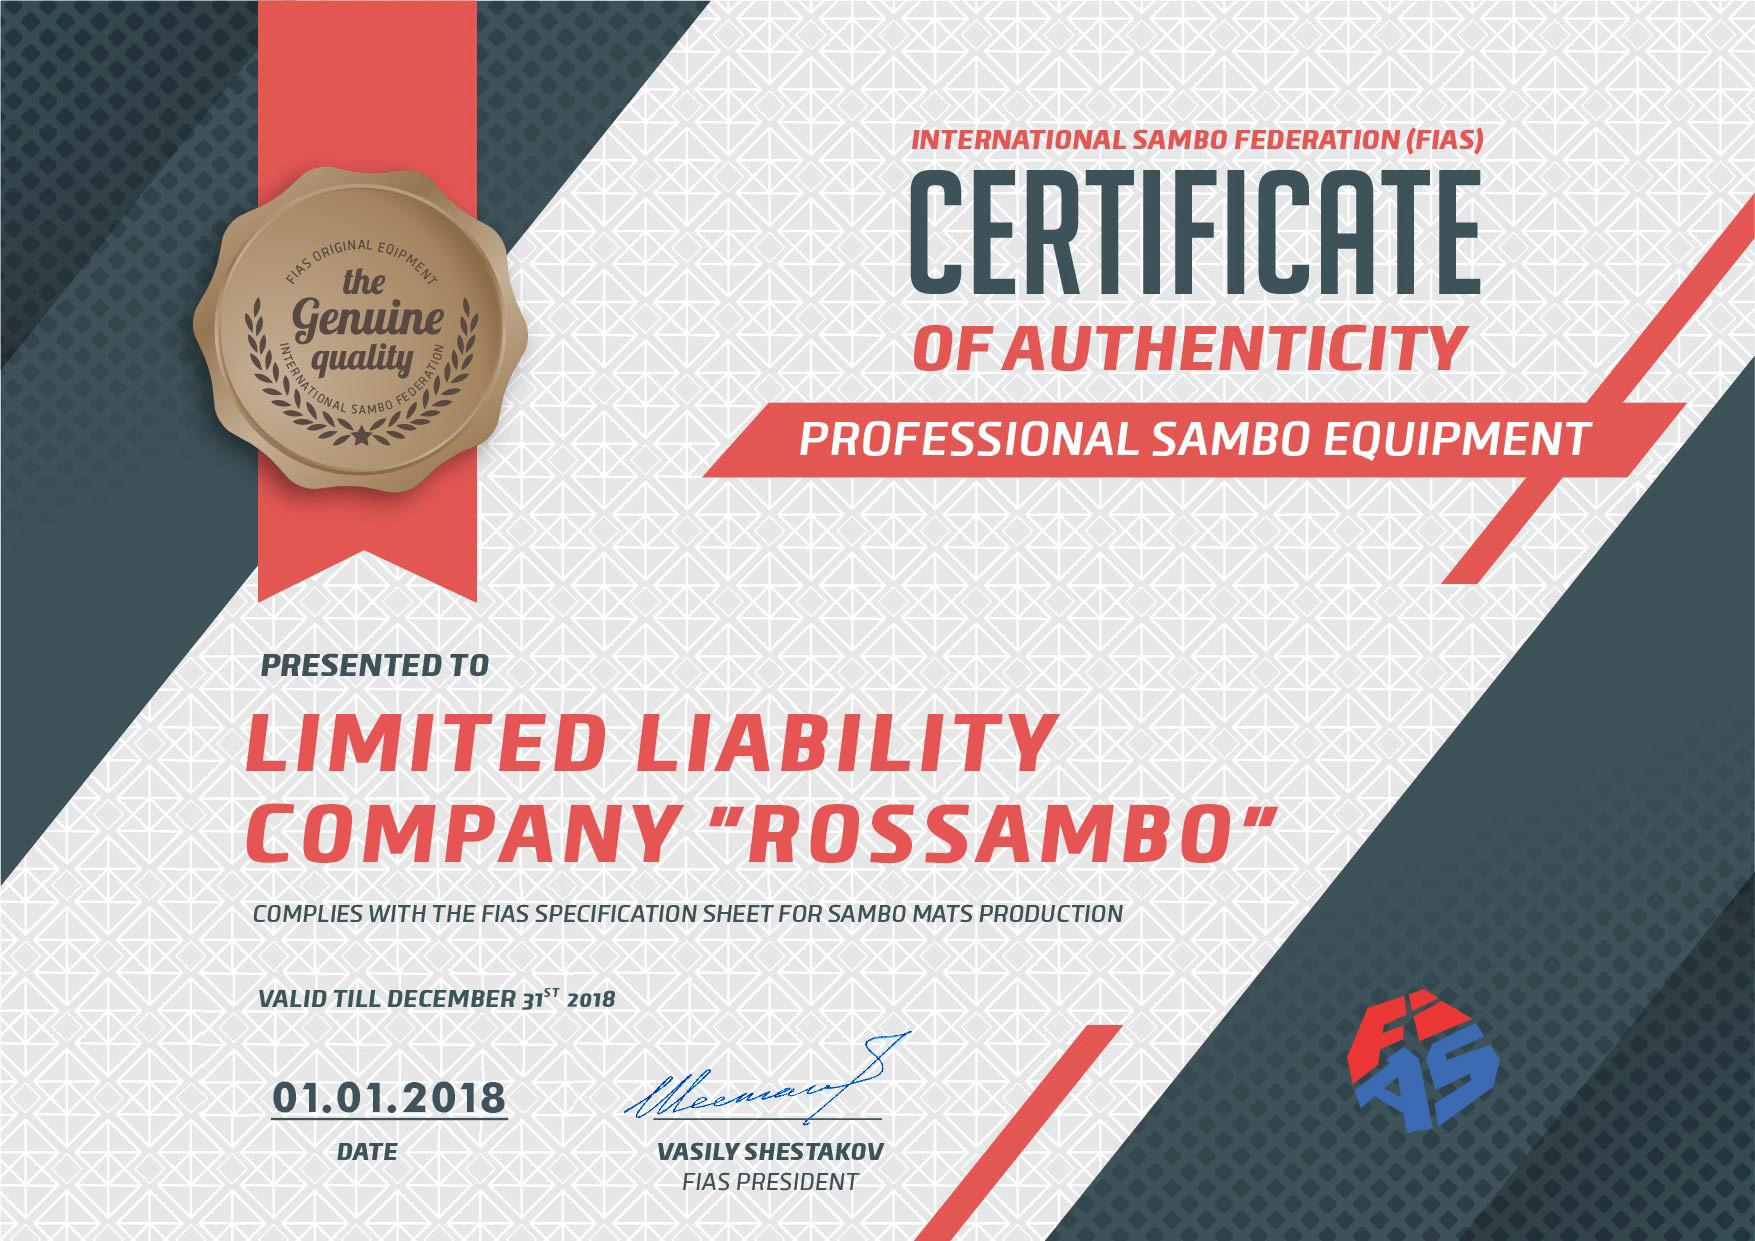 Борцовские ковры от РОССАМБО соответствуют требованиям FIAS